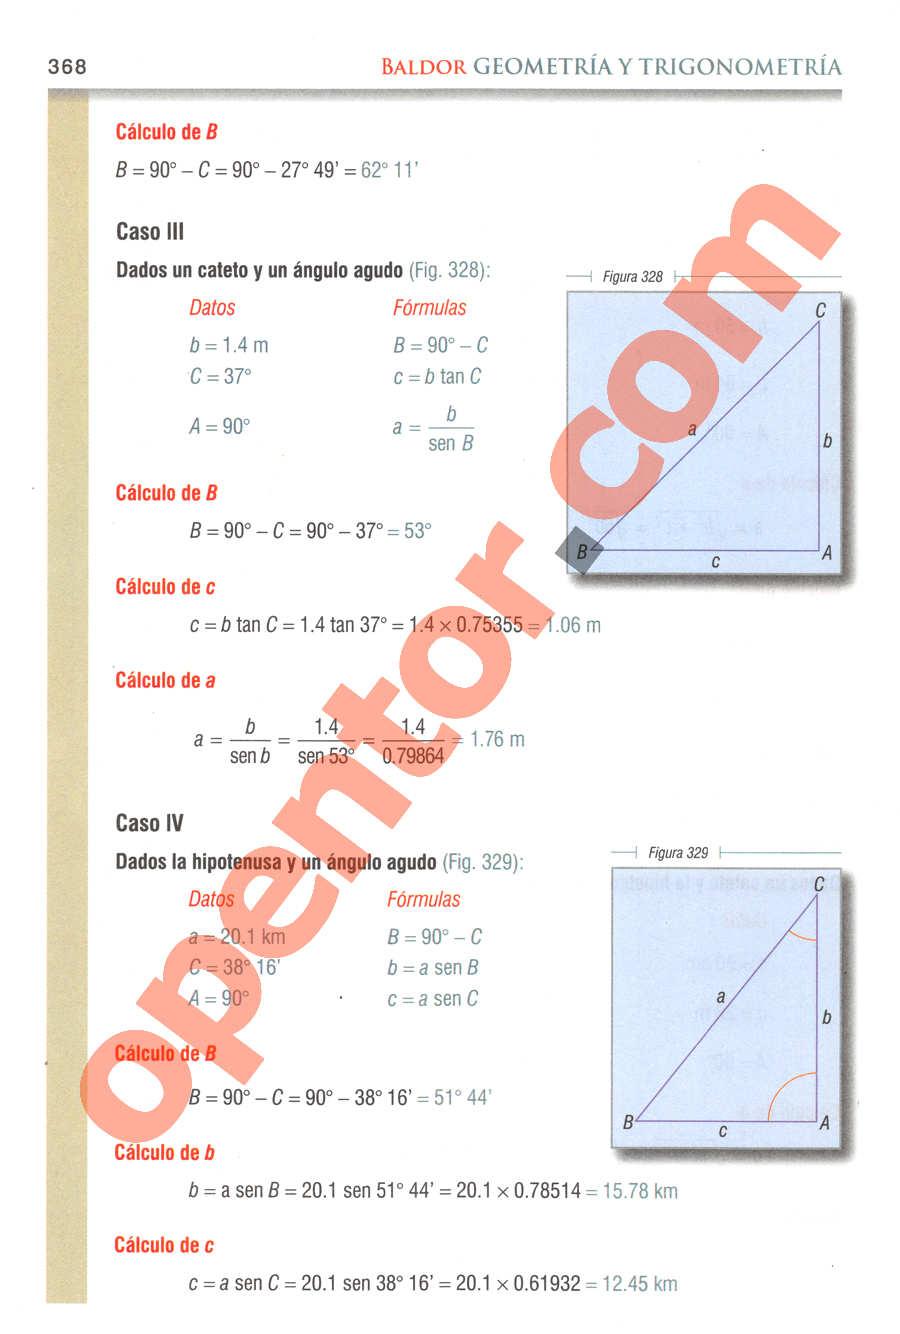 Geometría y Trigonometría de Baldor - Página 368